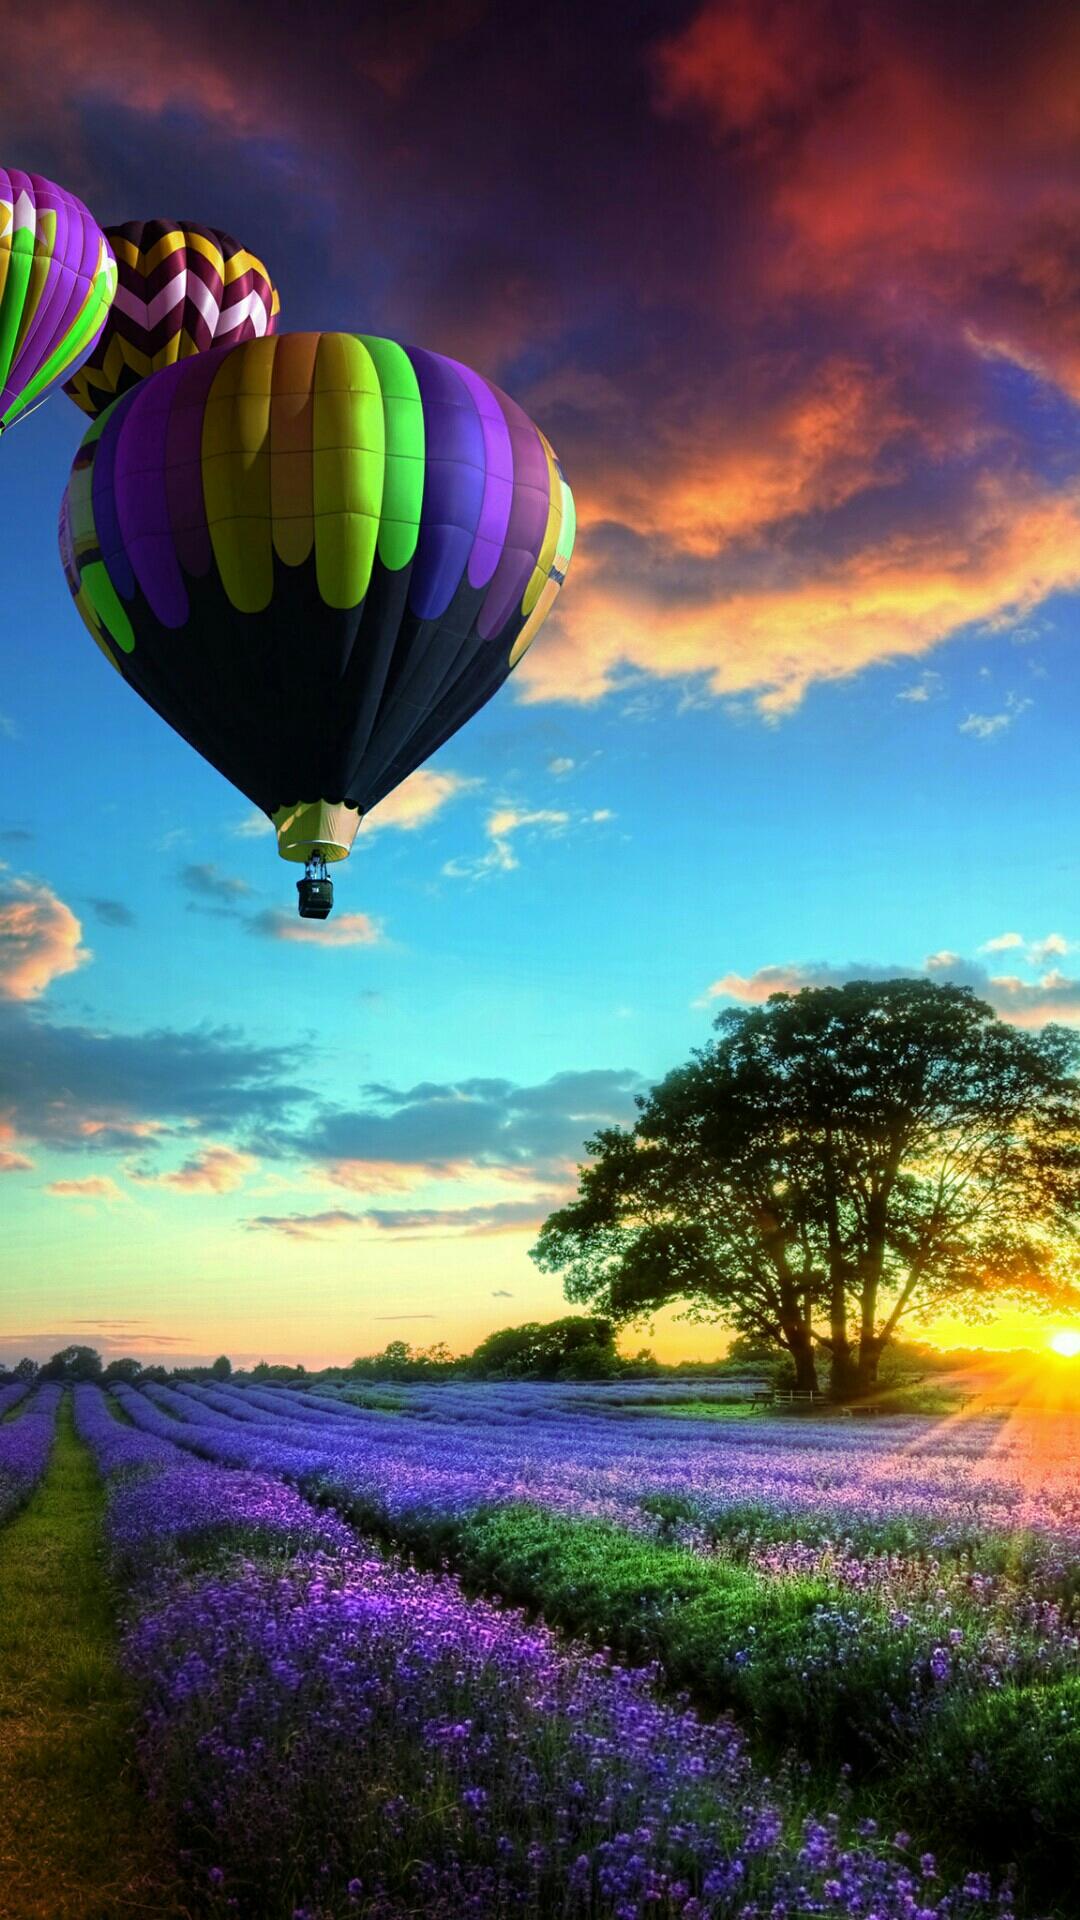 Iphone Wallpaper Balloon Sunset Balloons